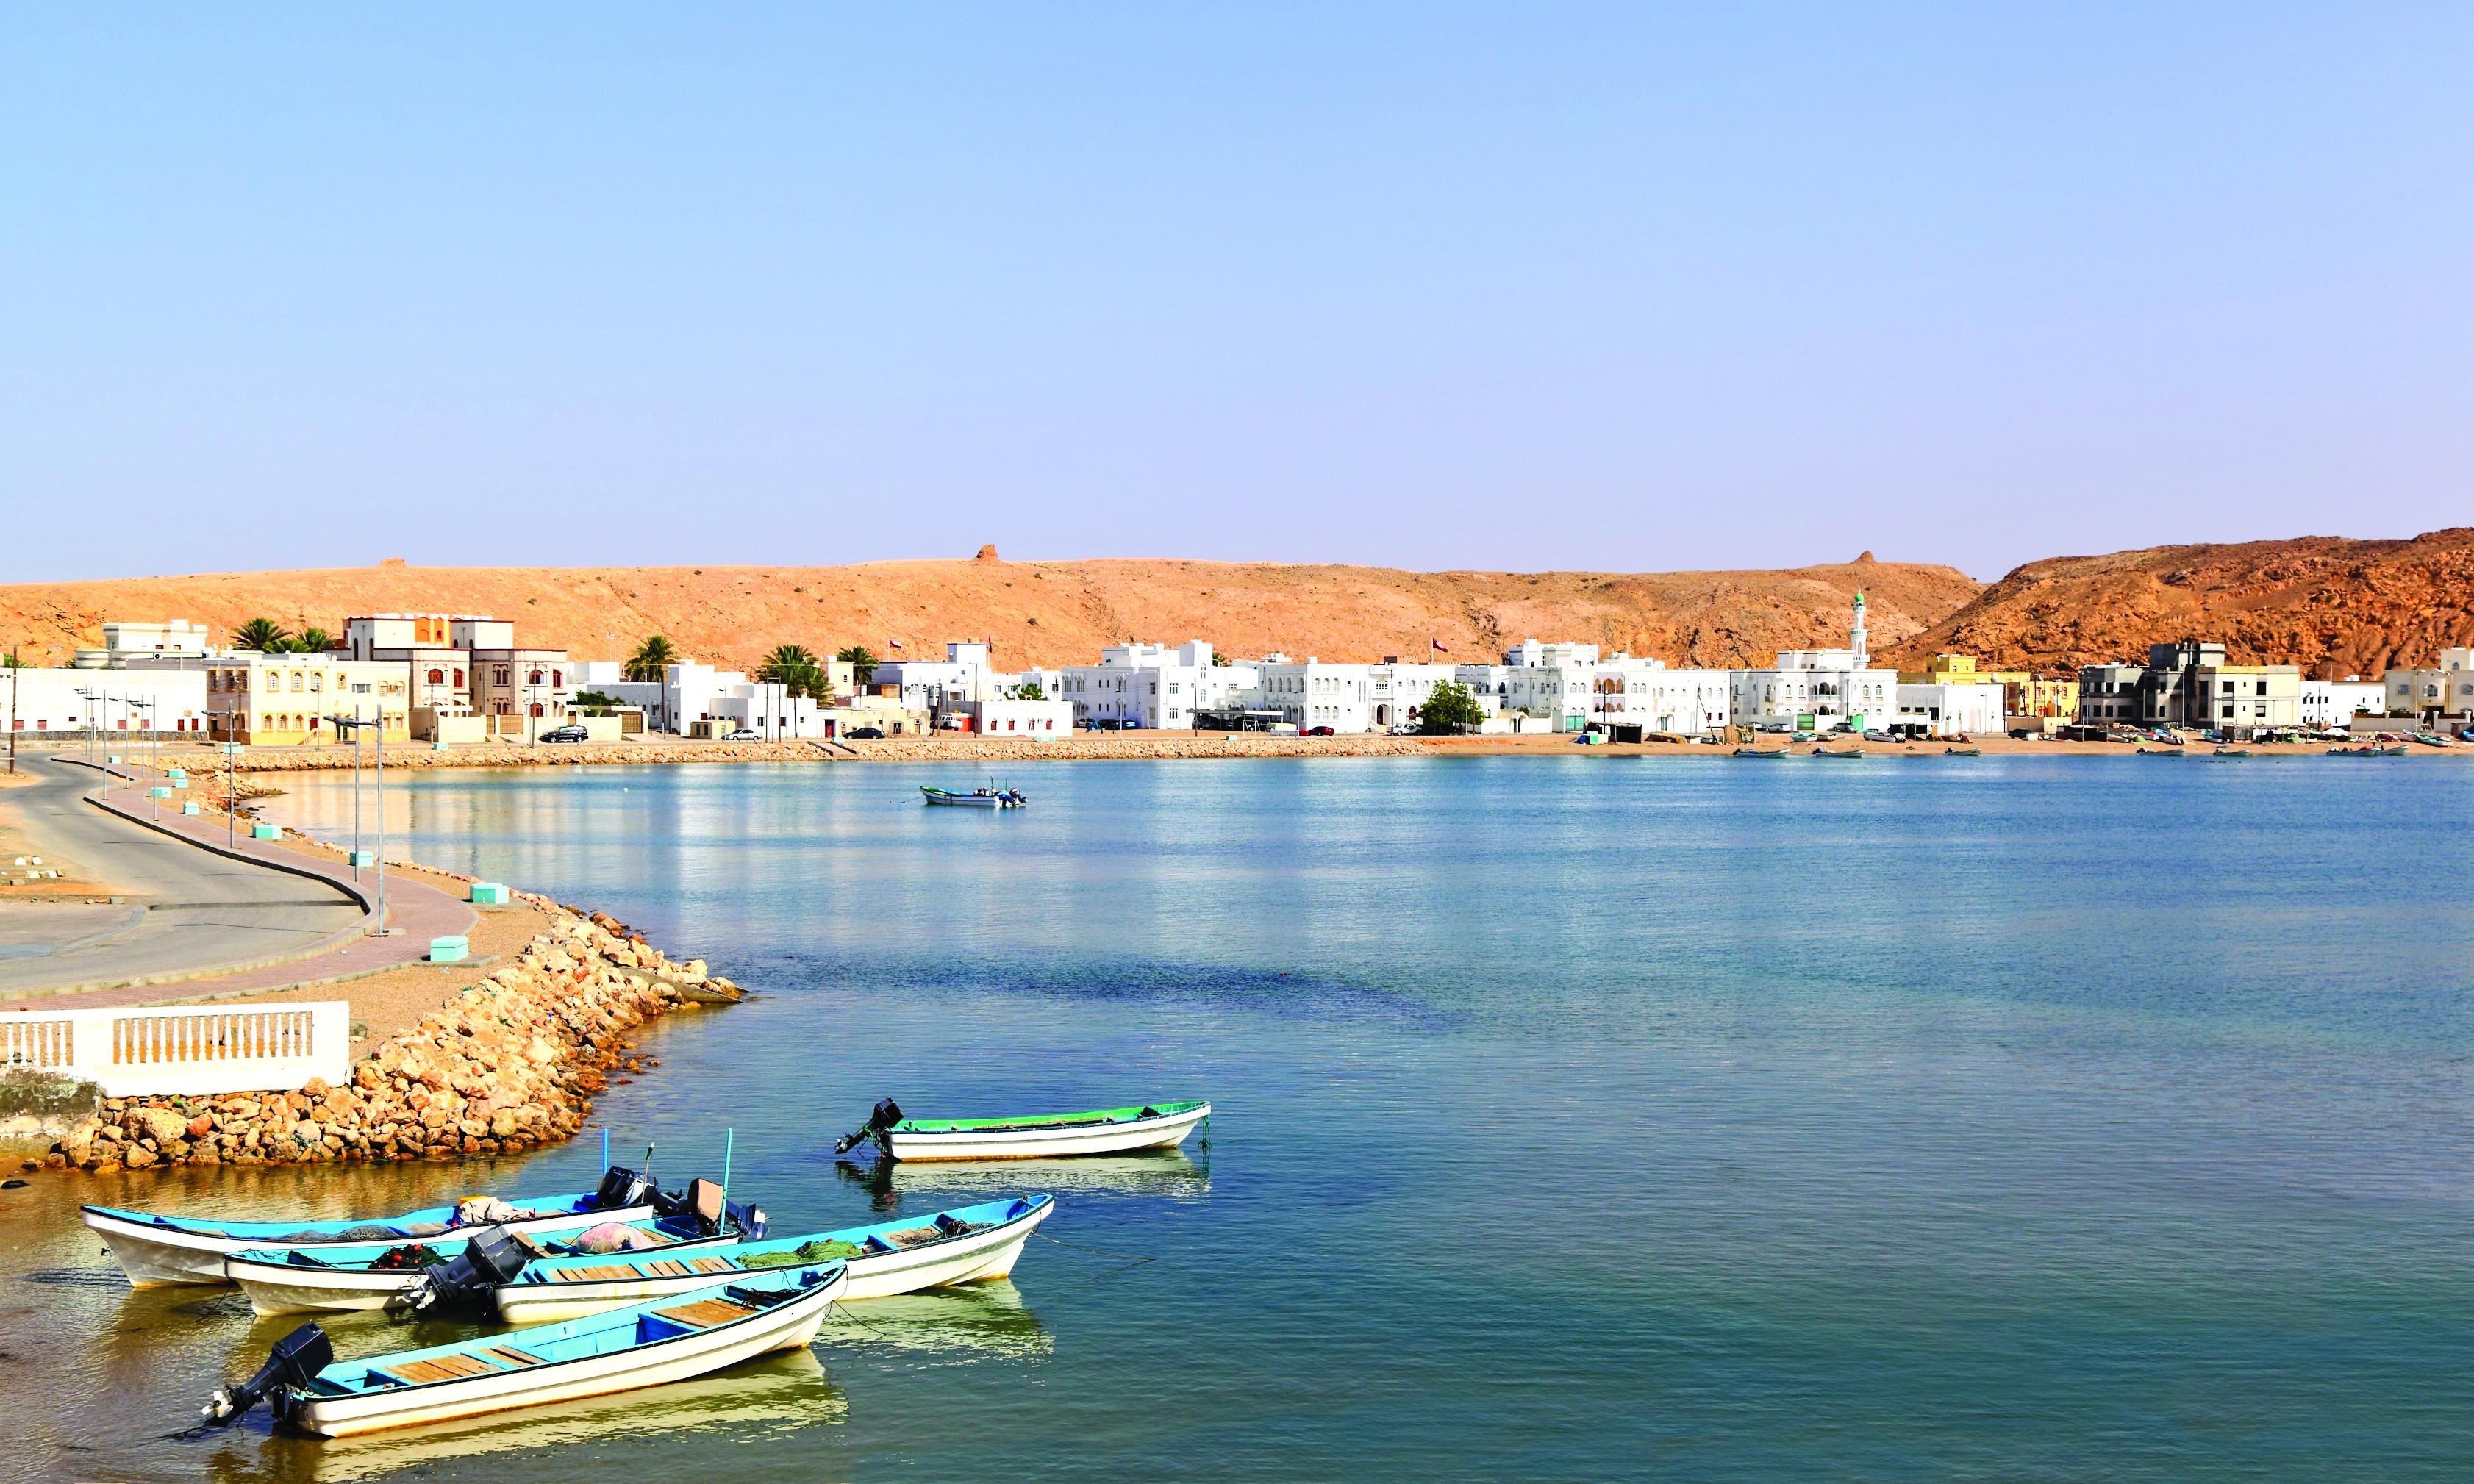 Oman Tourism: A drive through Sur's coastal villages